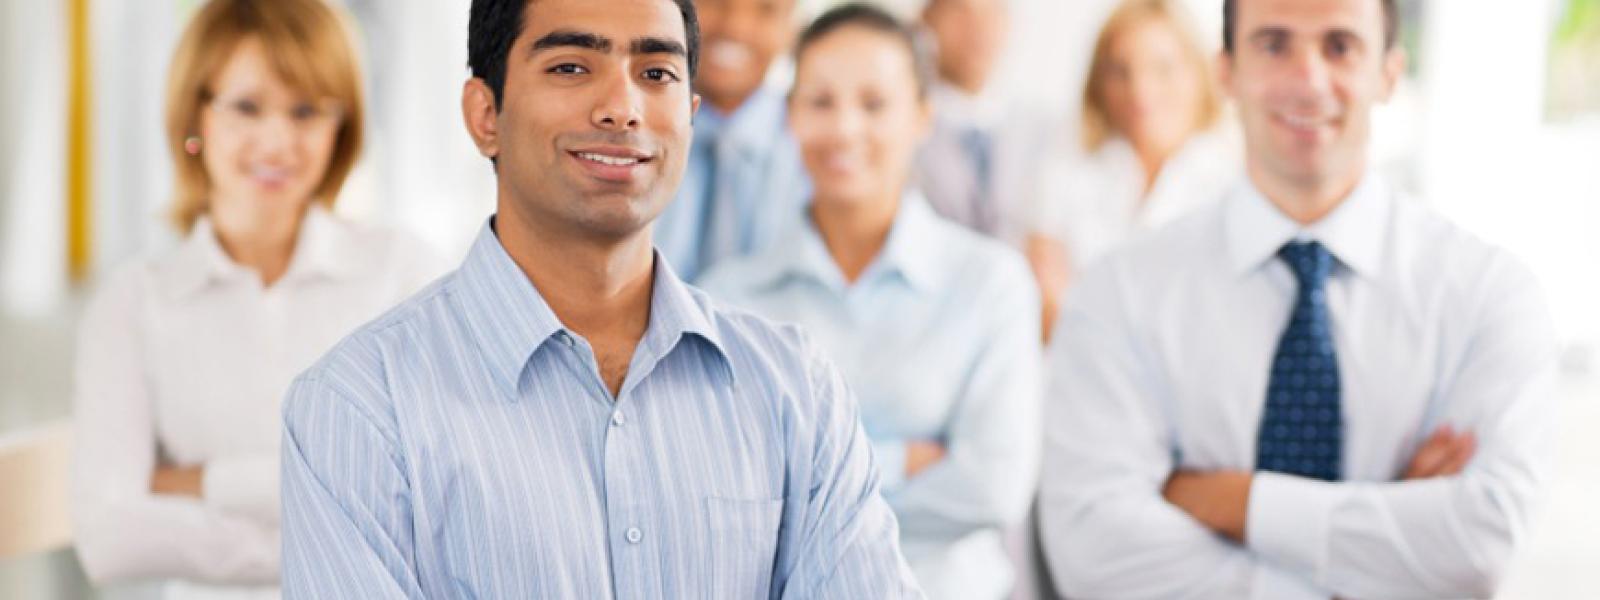 CIU Employment Opportunities